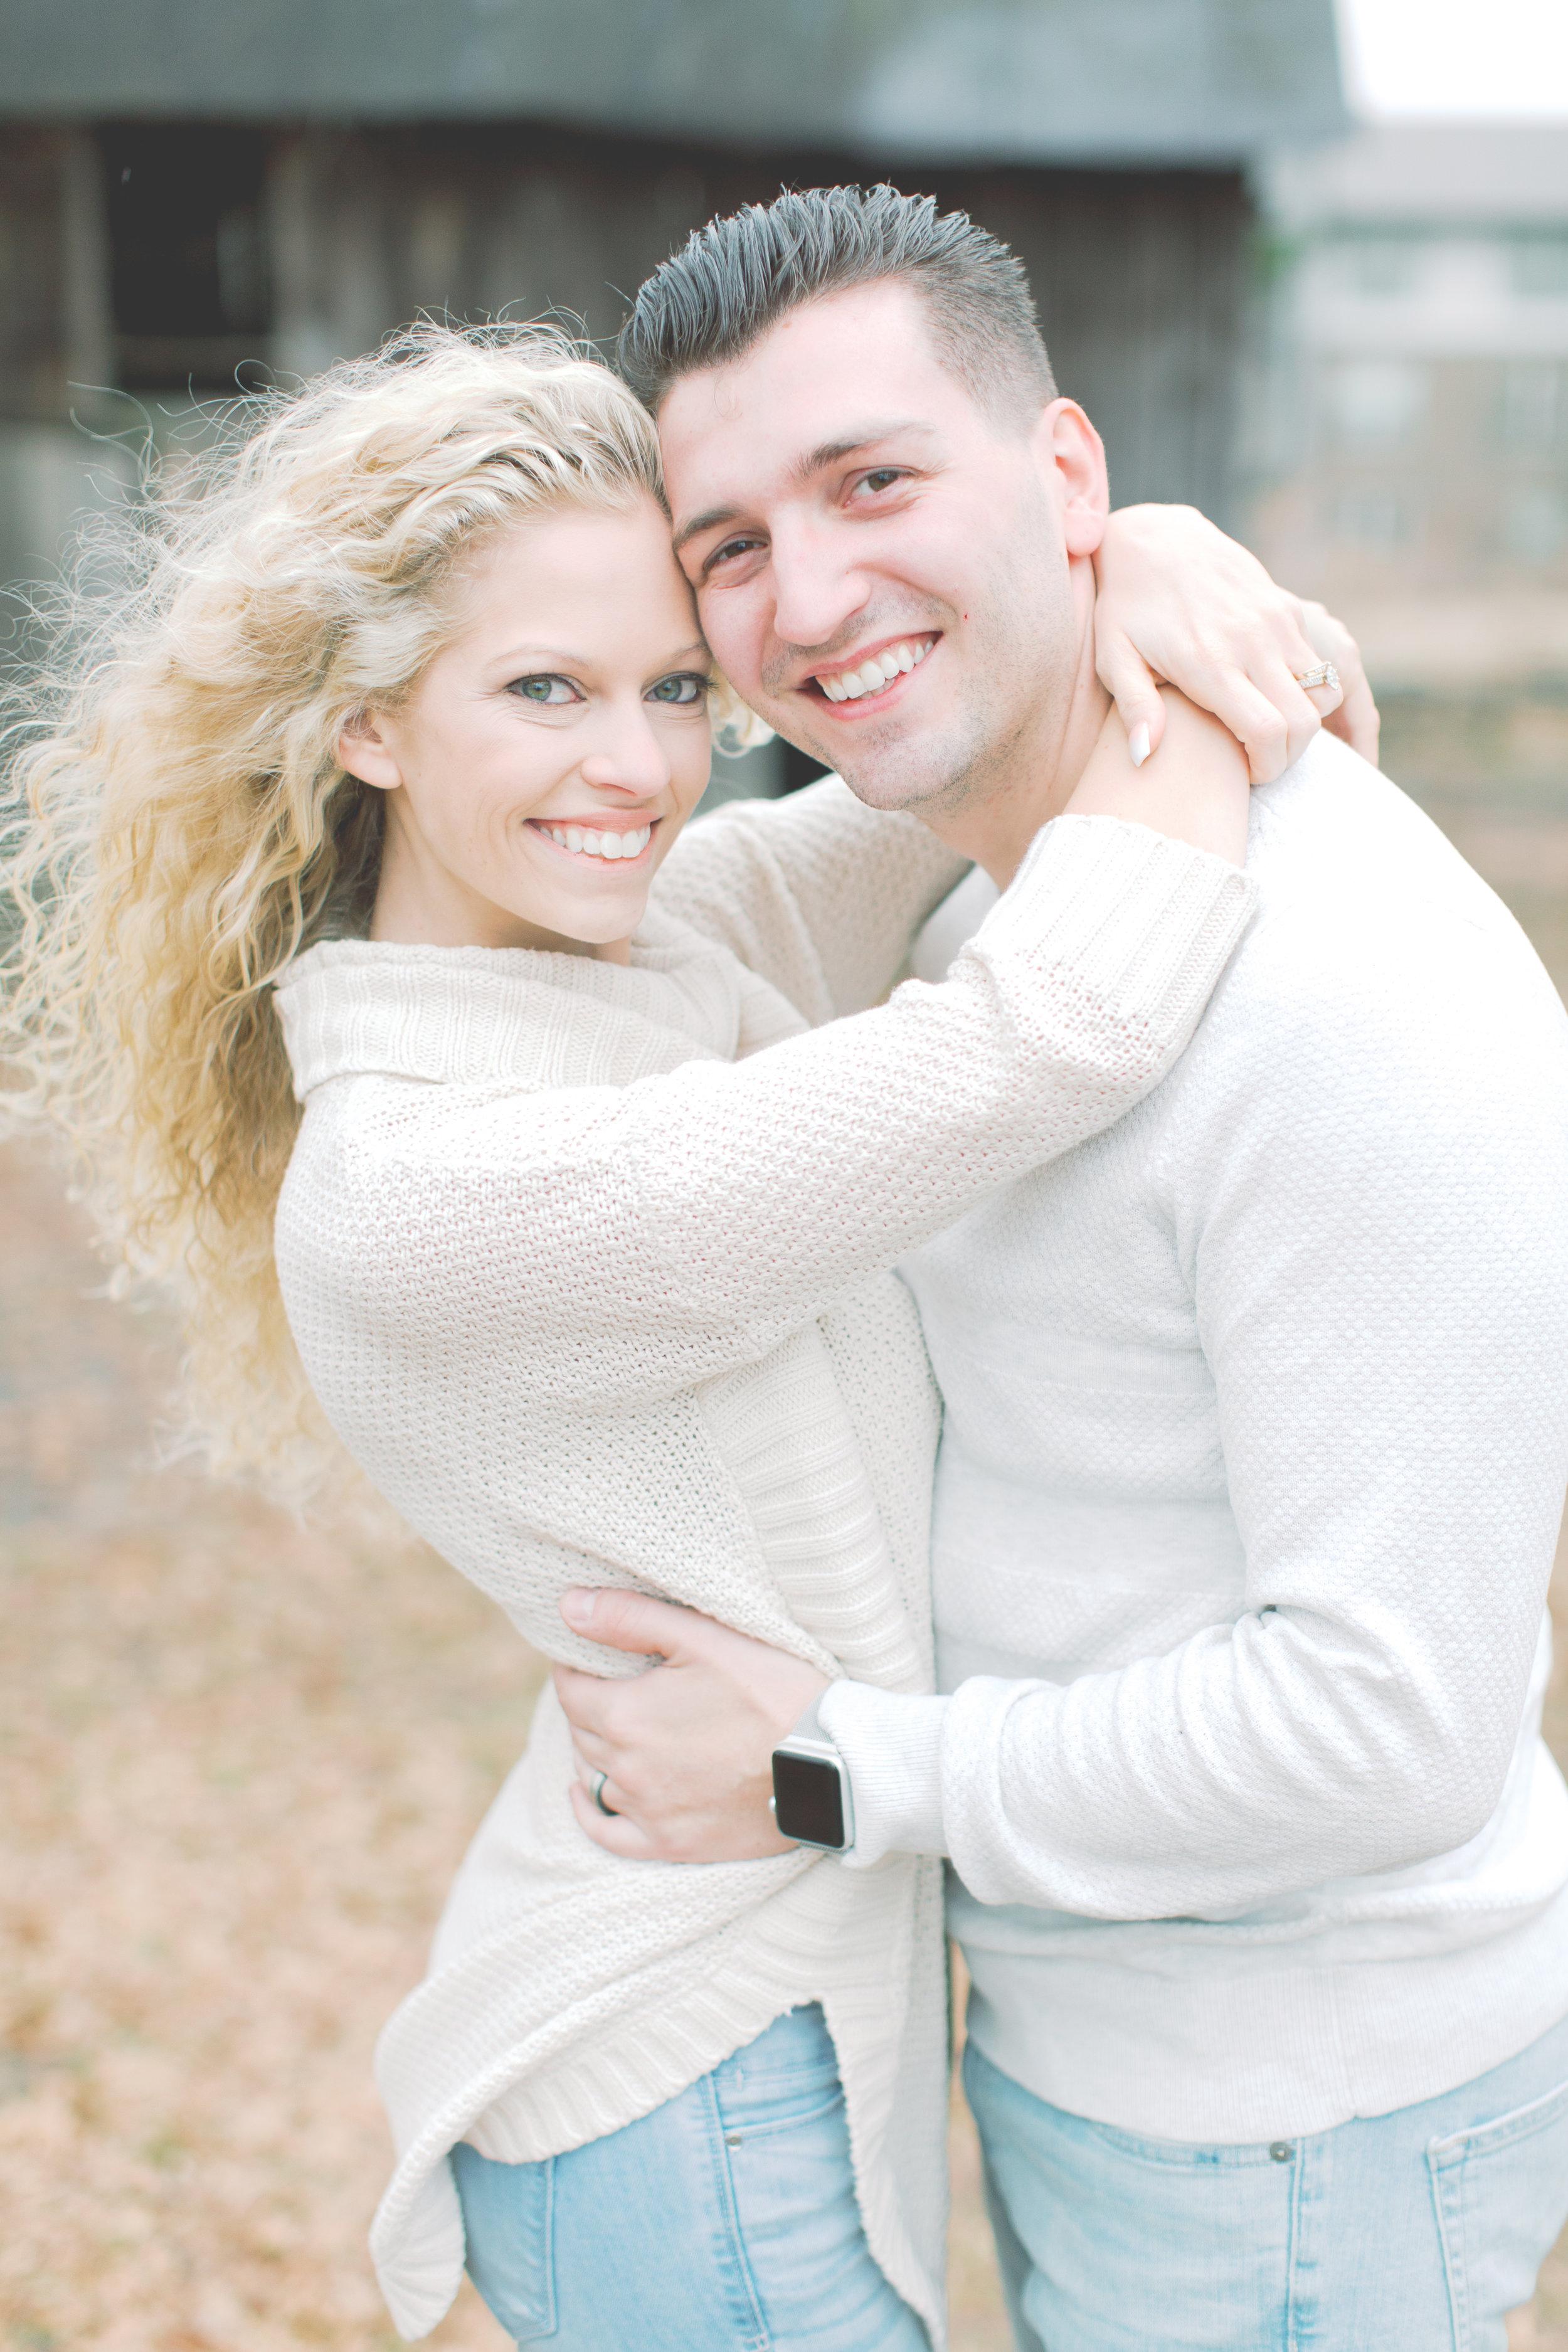 Atlanta Georgia dating skrive en profil for online dating